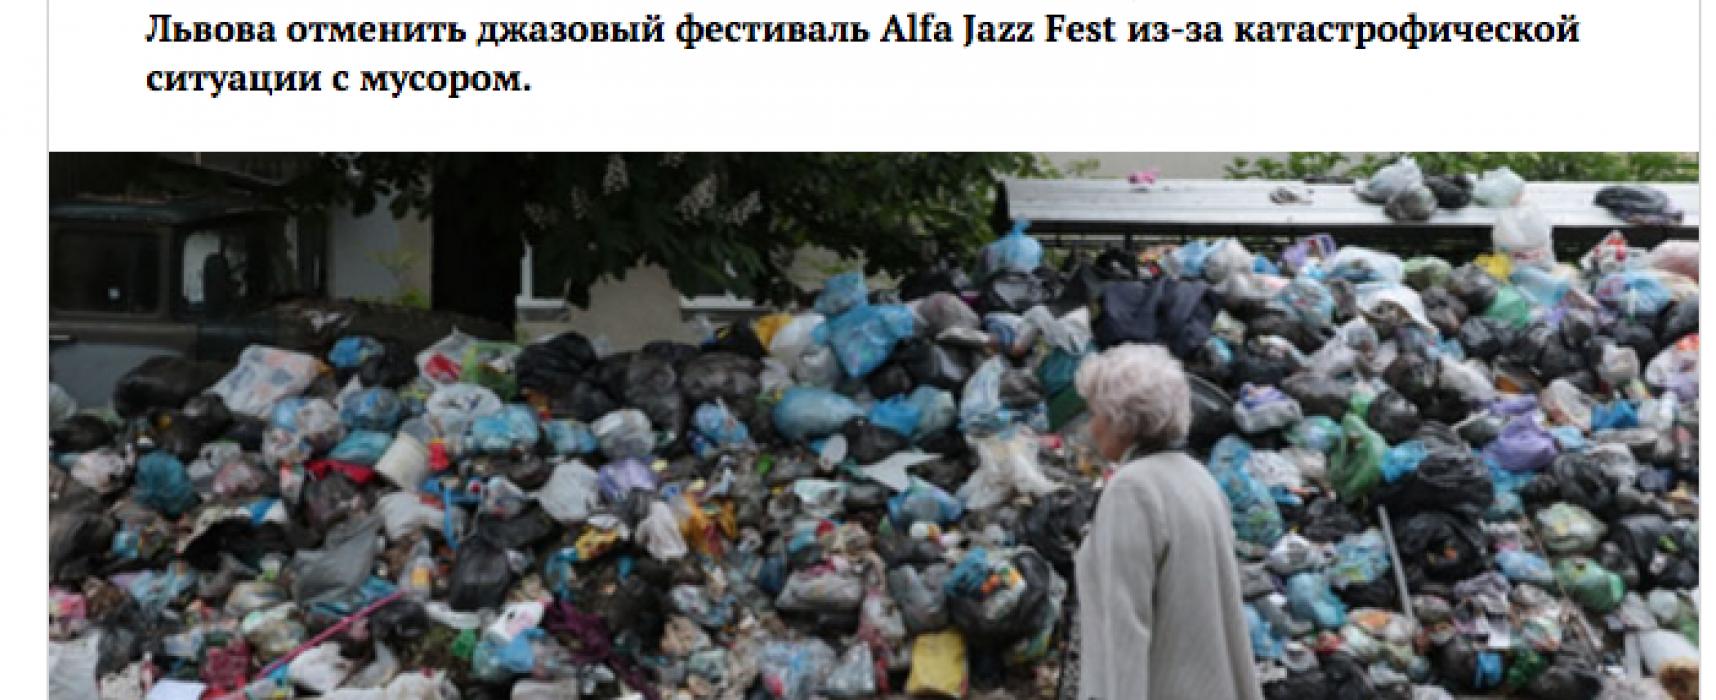 Фейк: Во Львове из-за мусора отменят джазовый фестиваль